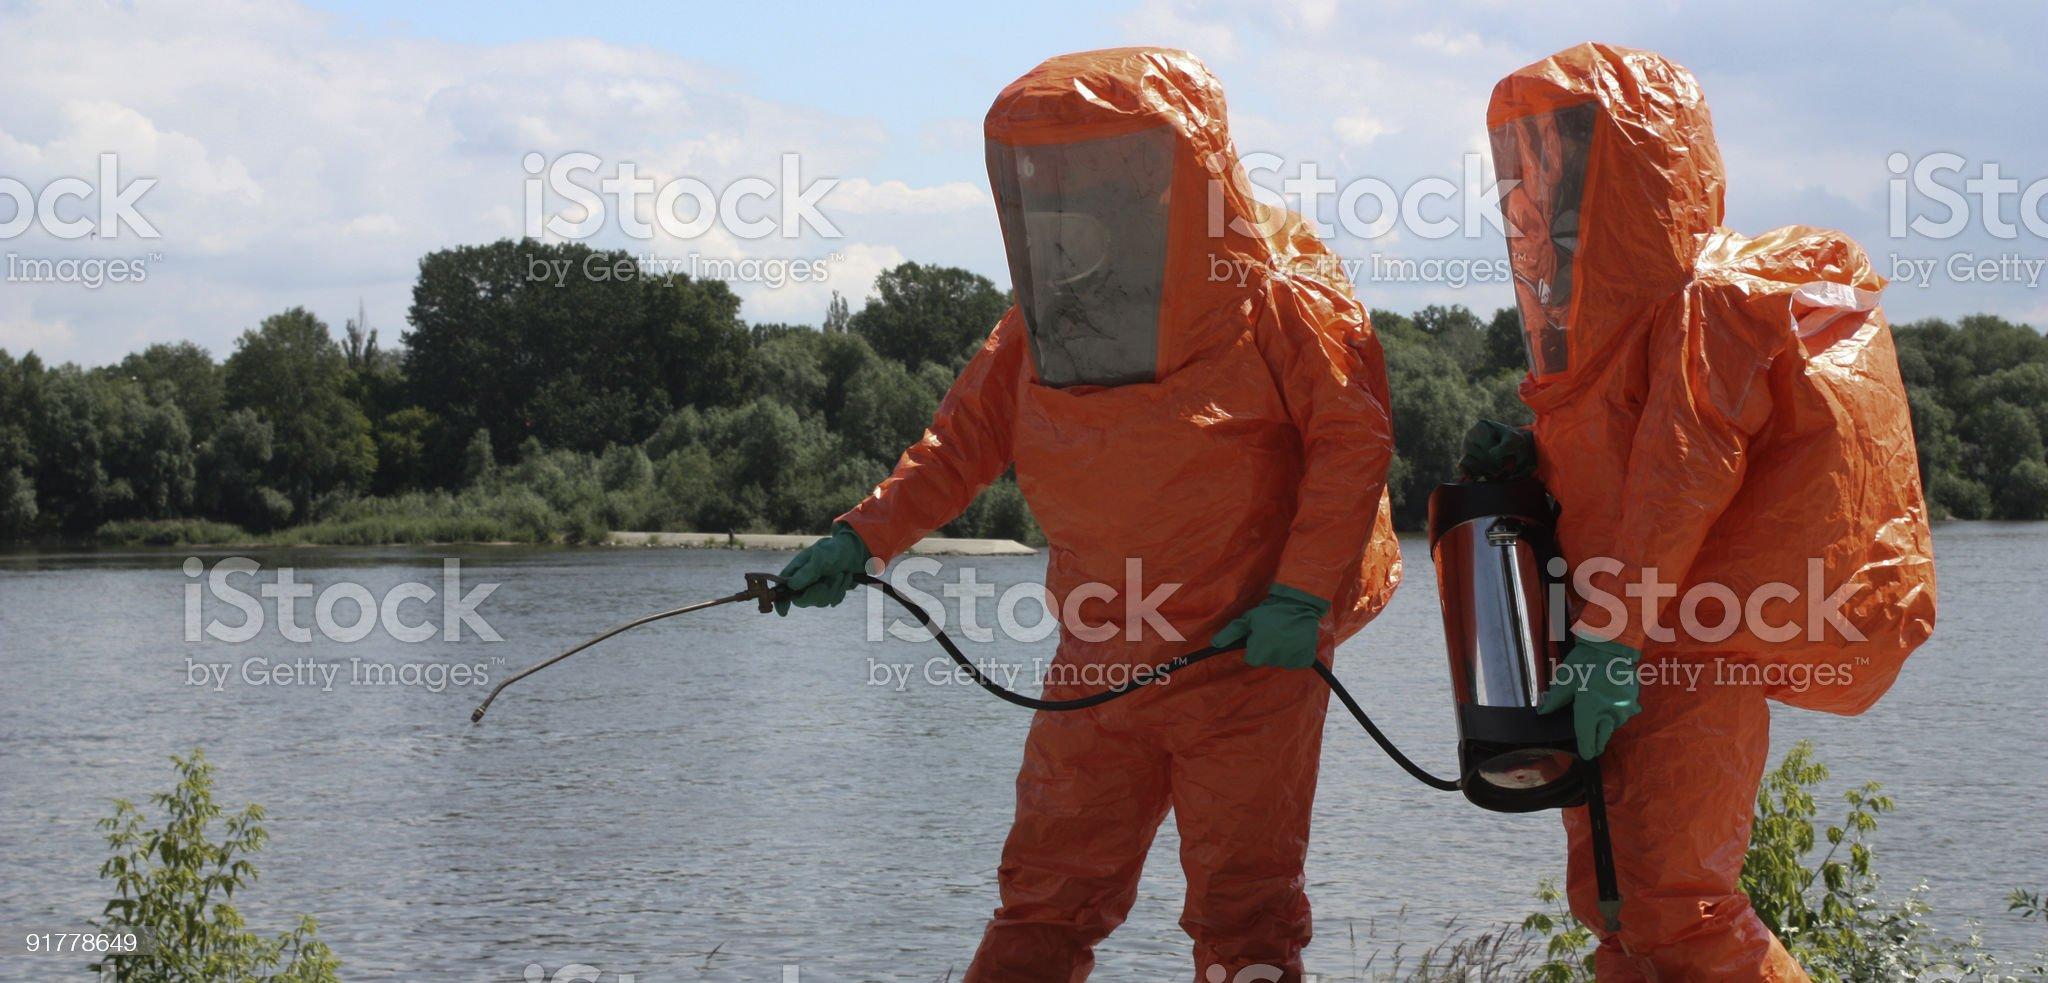 toxic royalty-free stock photo